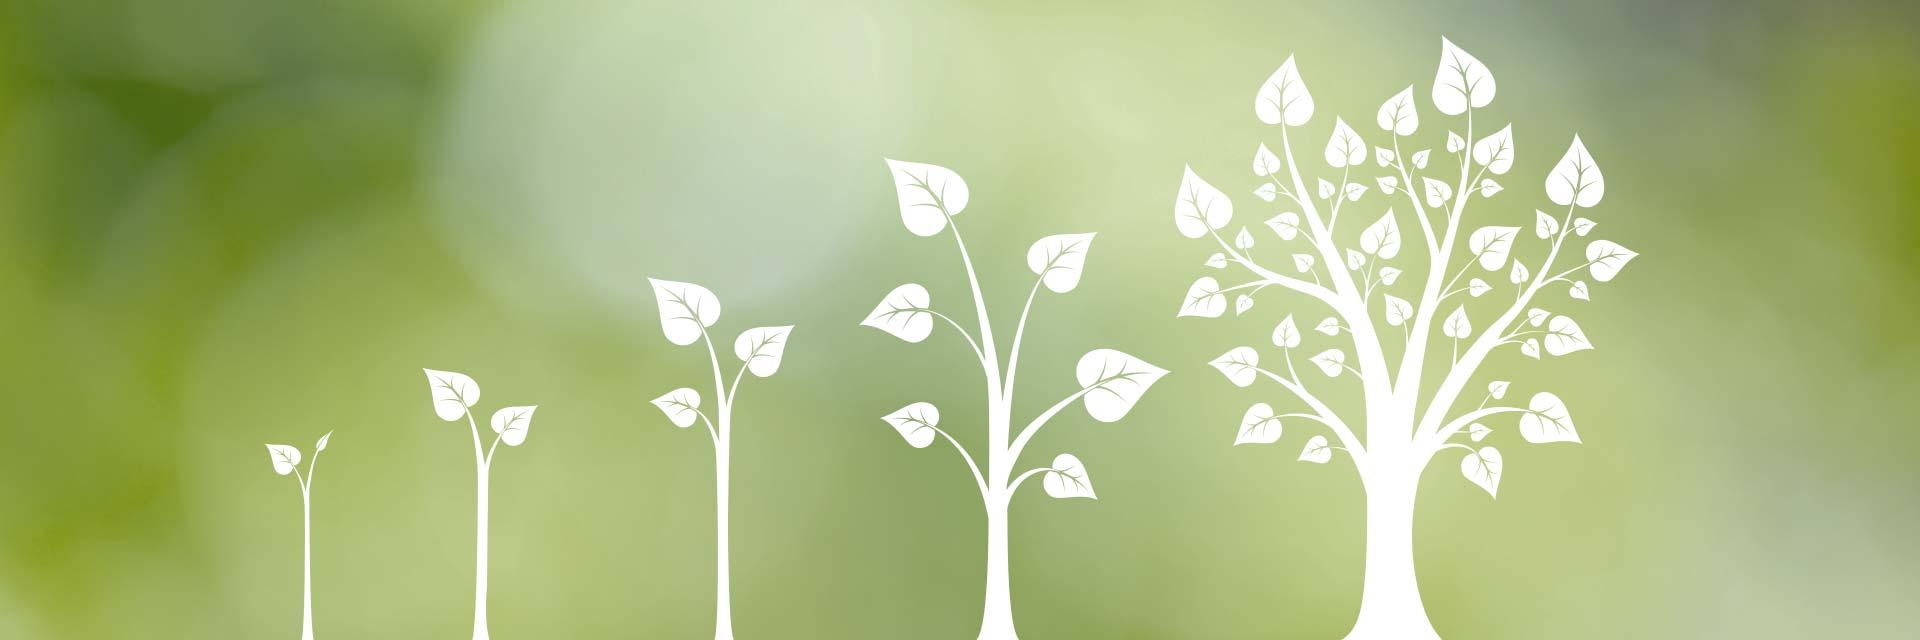 Säljcoach boostar försäljningen illustrerat av fem träd i olika grader av tillväxt